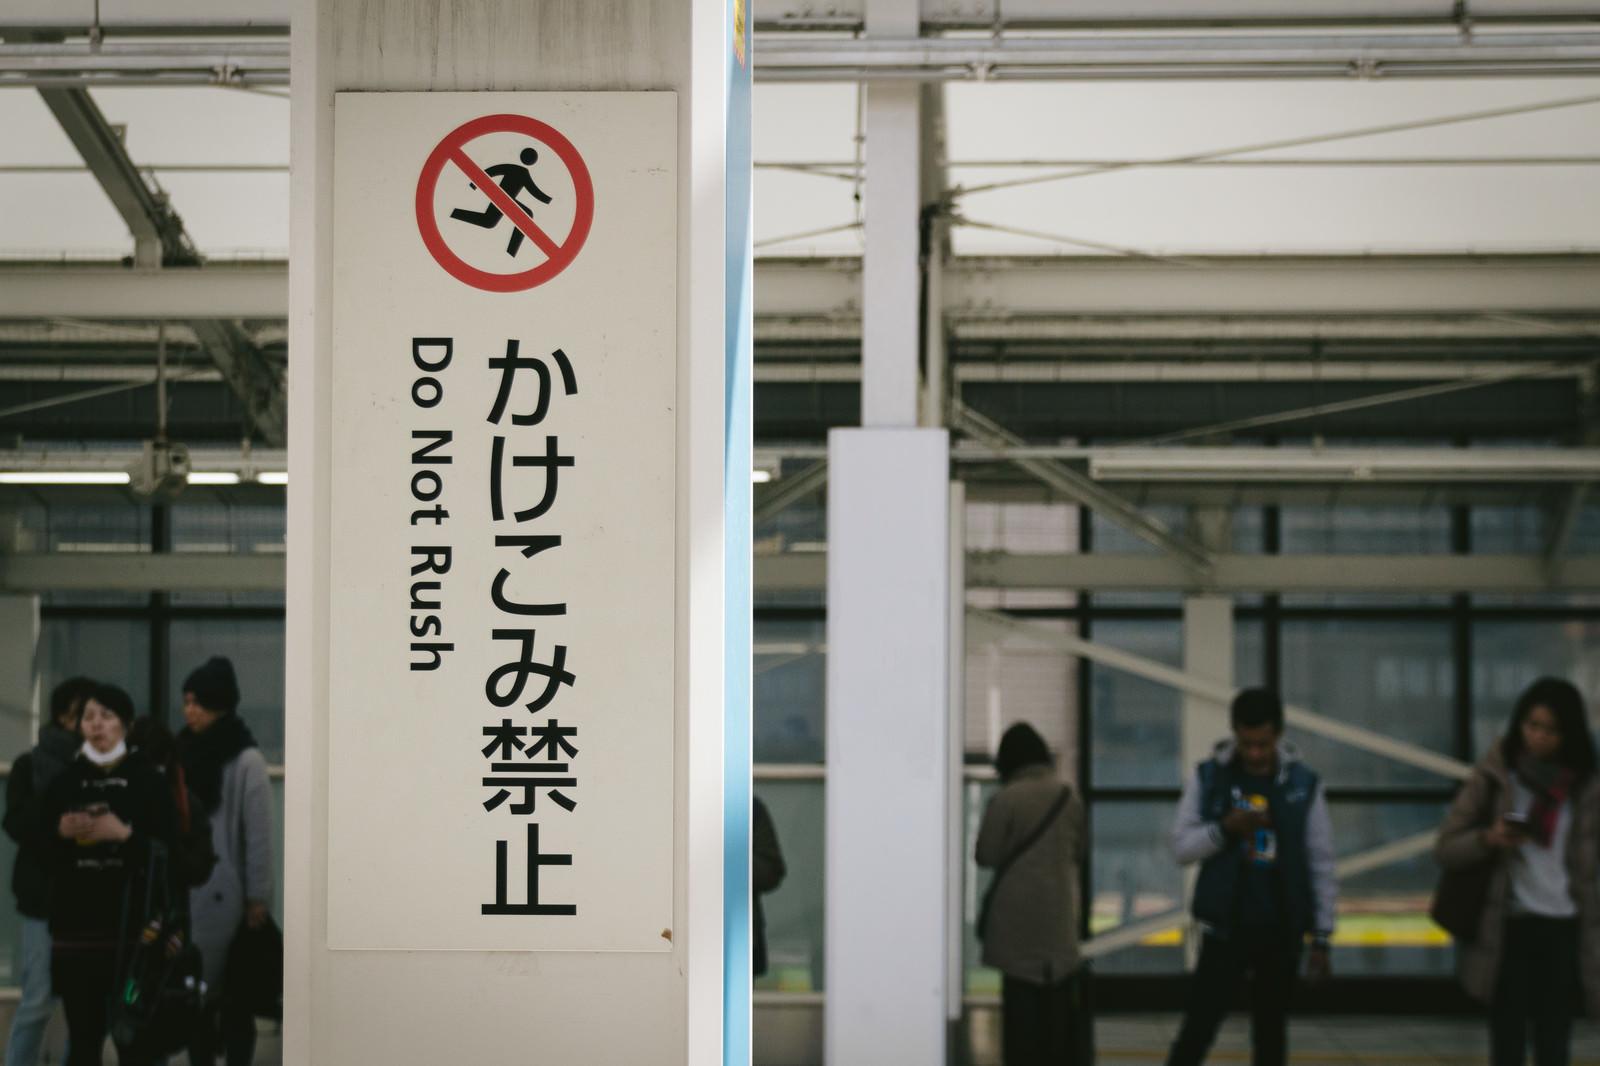 「かけこみ禁止(駅構内)」の写真